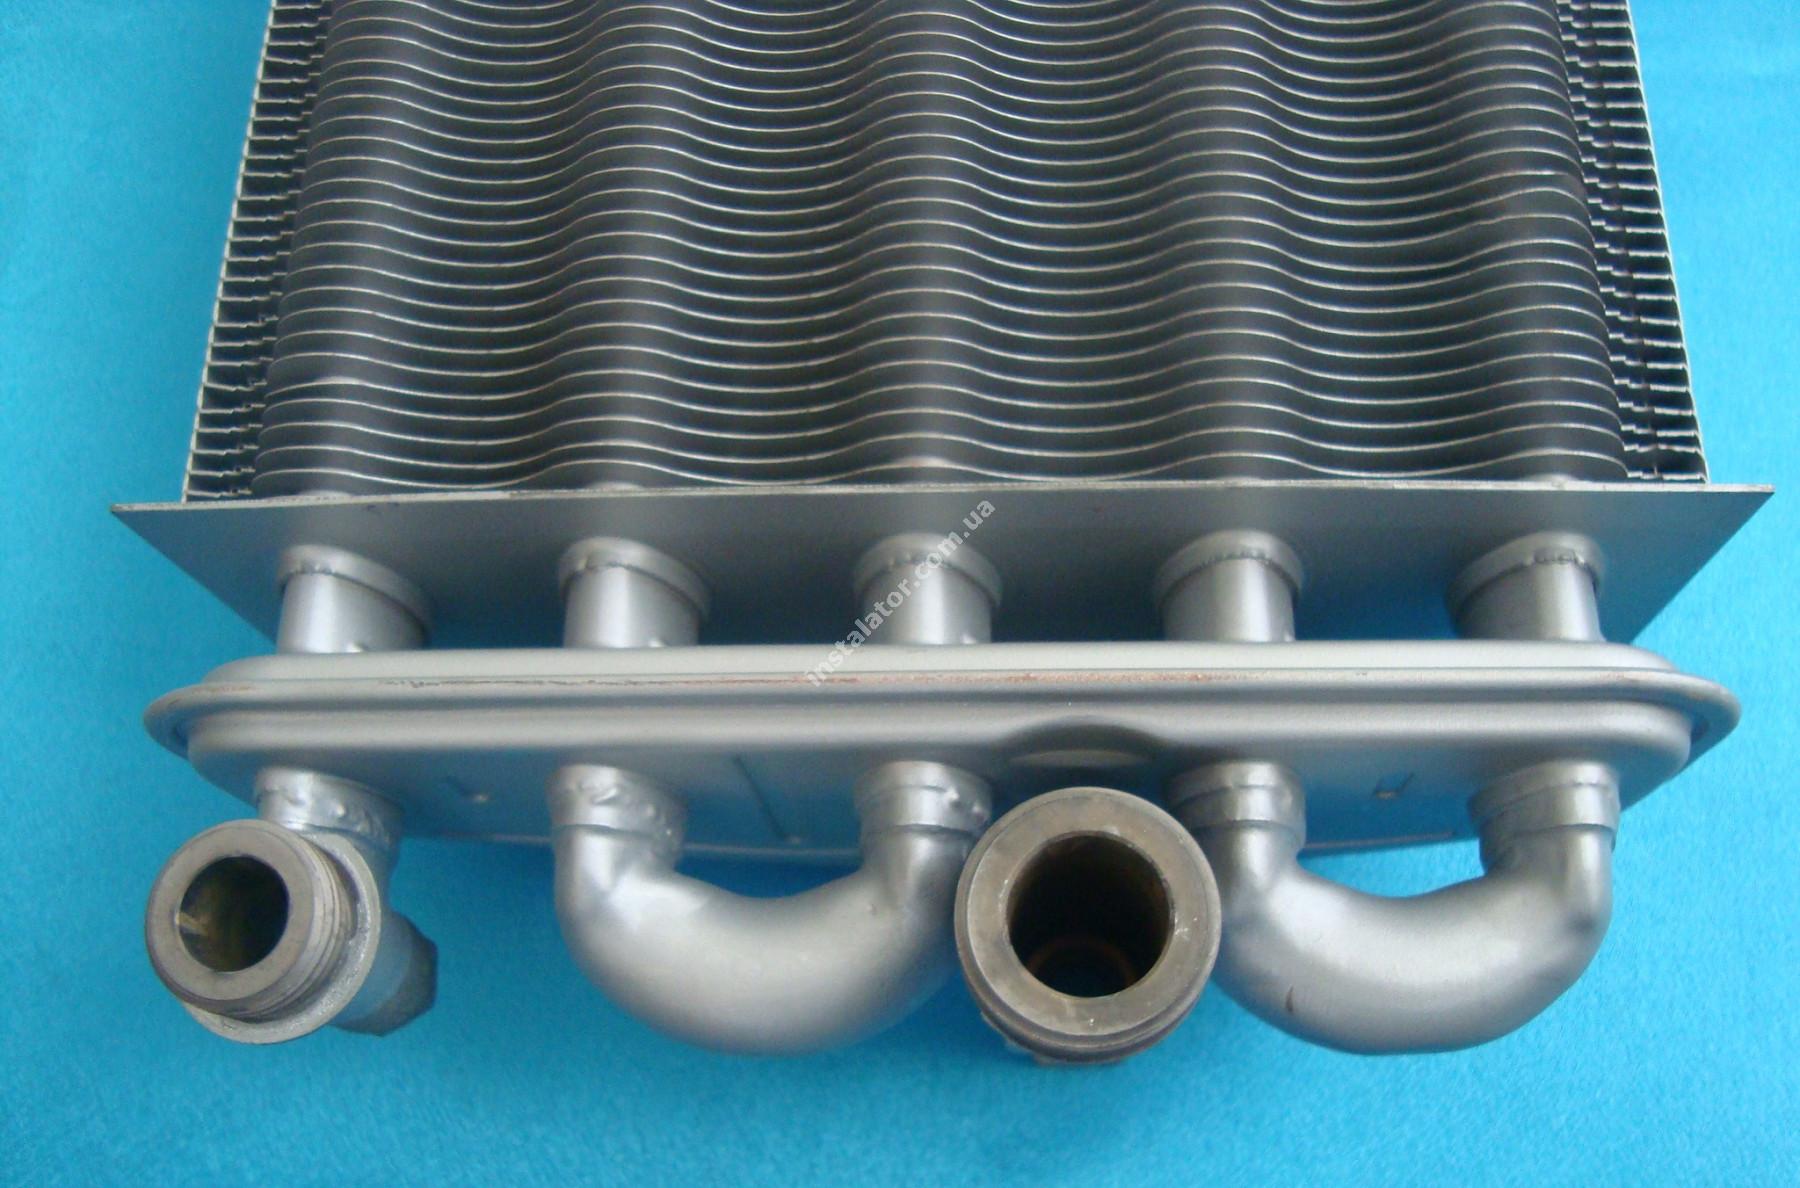 SCAMBIN10 (0020025297) Теплообмінник бітермічний FONDITAL full-image-1